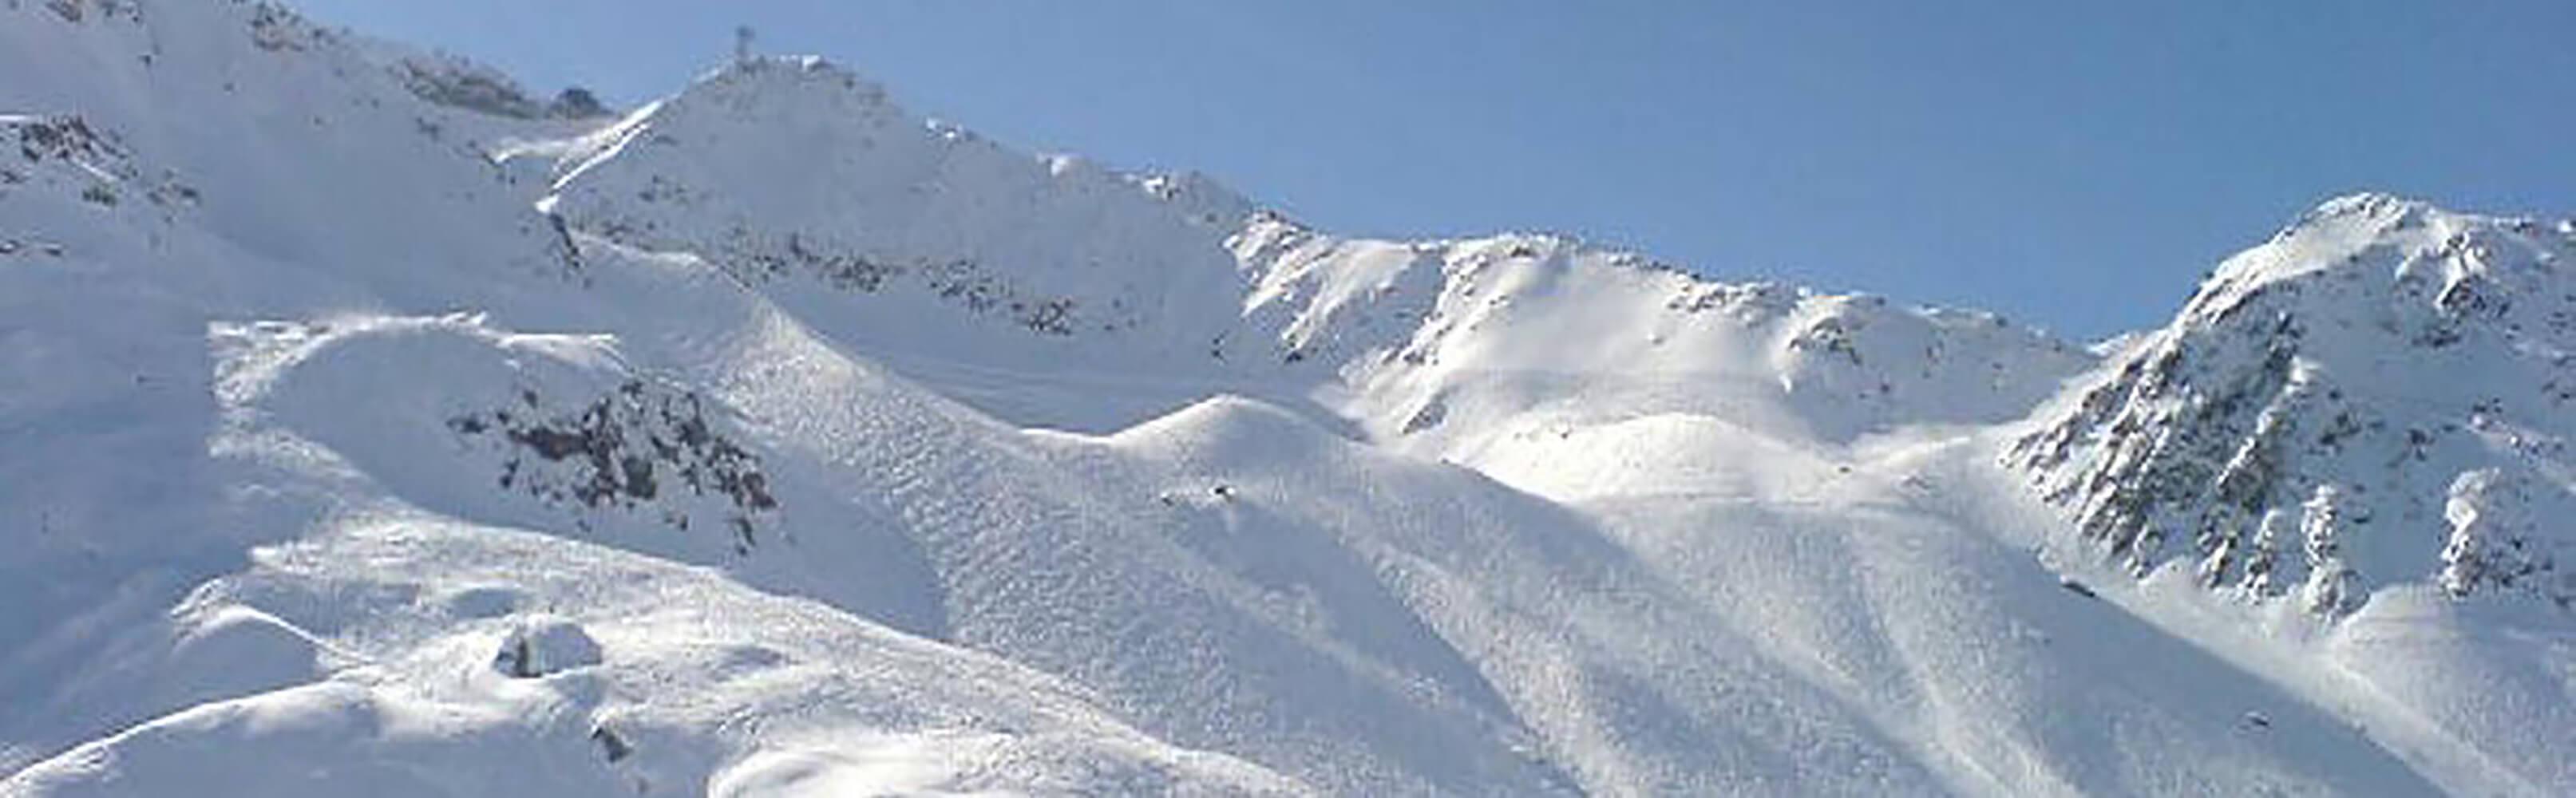 SkiArena Andermatt-Sedrun 1